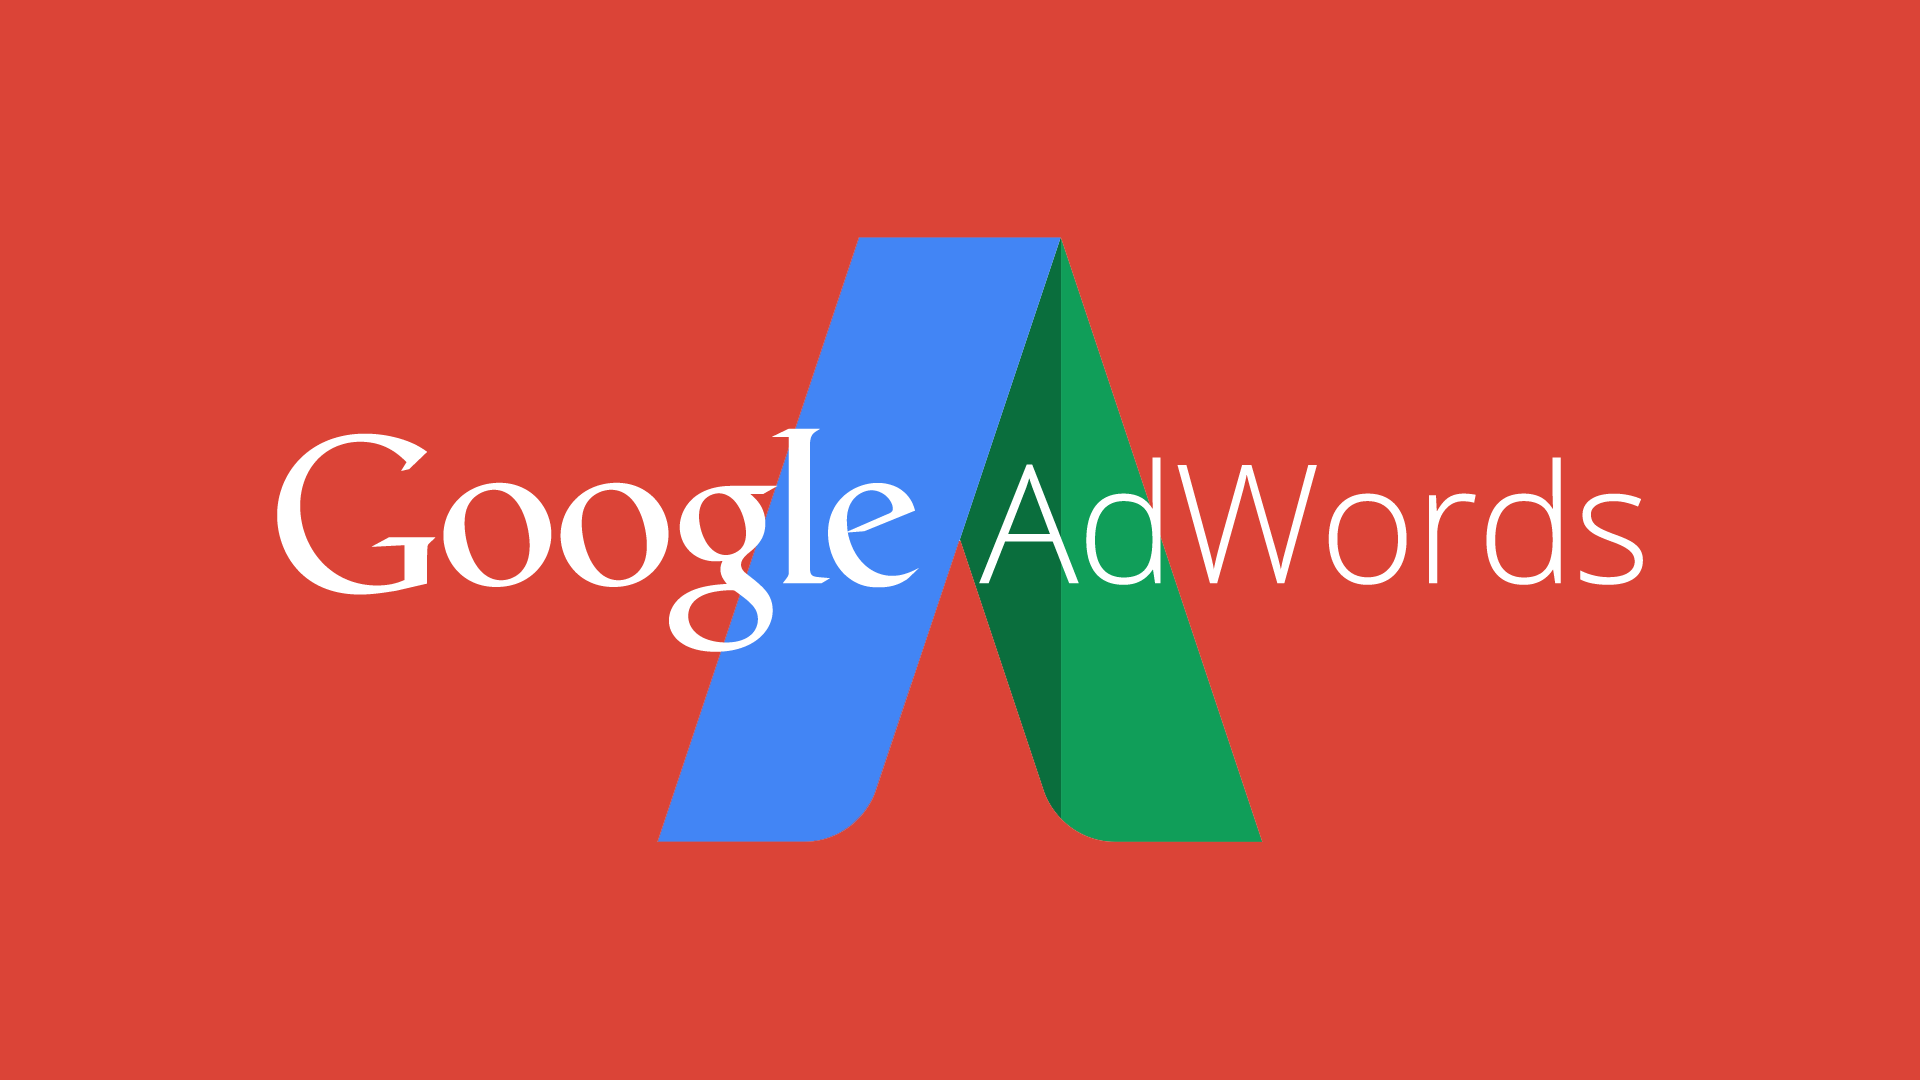 Блог про google adwords перерождение интернет маркетинга продвижение сайтов продвижение сайта рост продаж ag/avgu